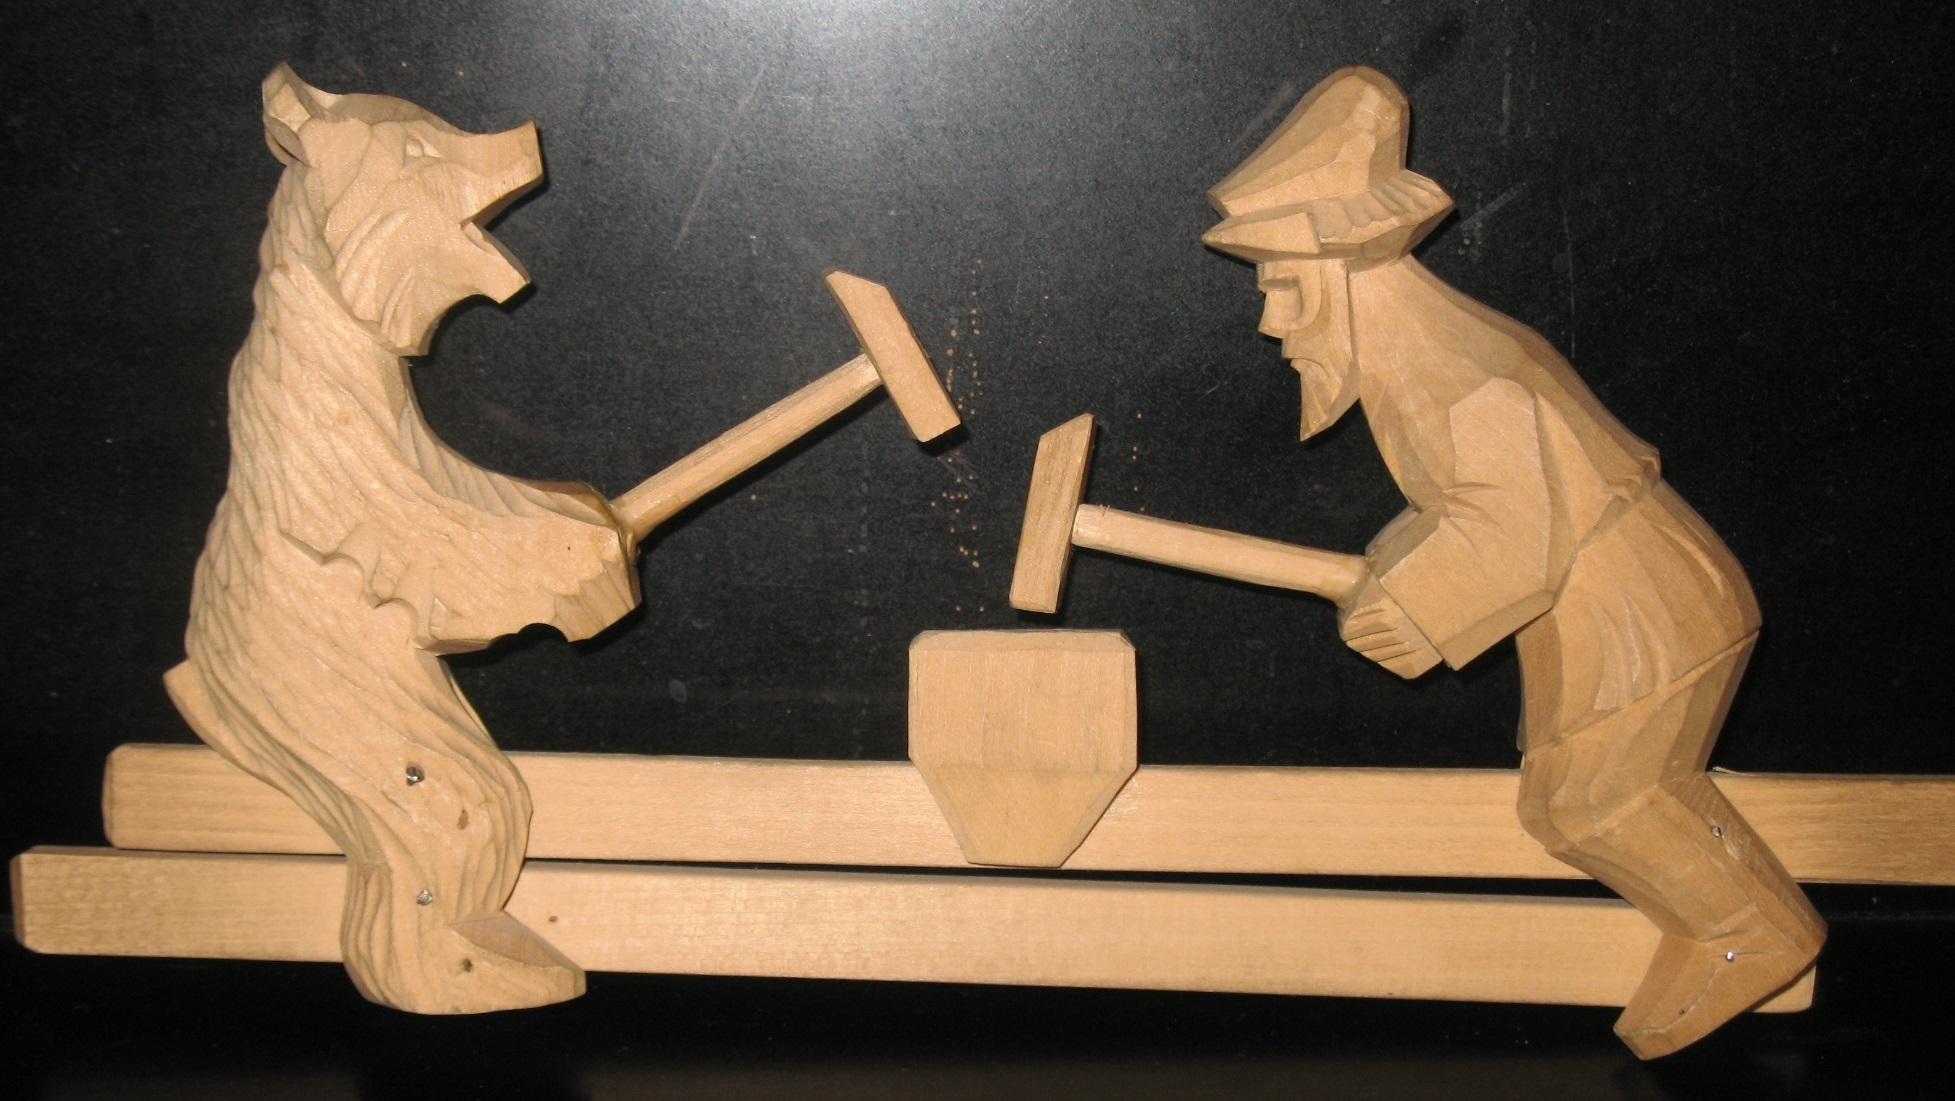 Богородская игрушка как сделать своими руками6